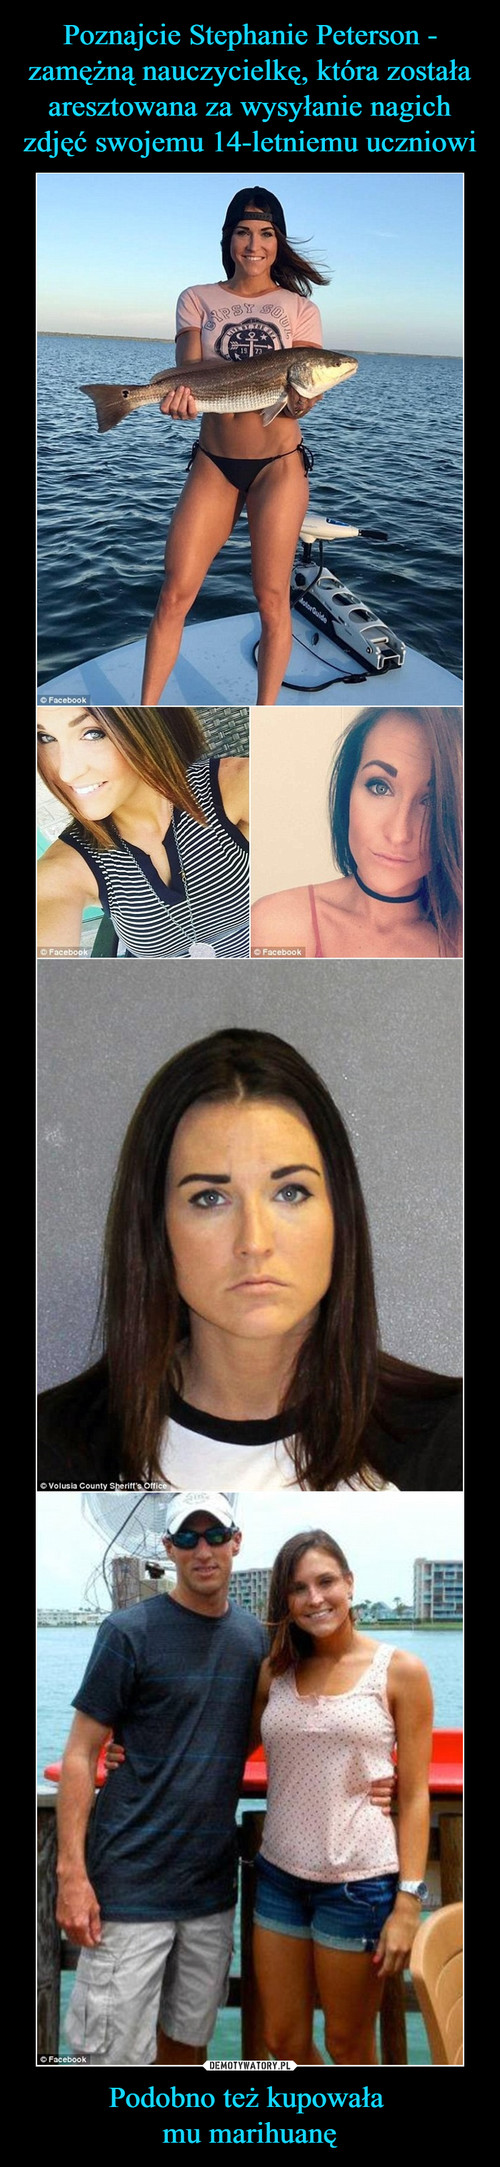 Poznajcie Stephanie Peterson - zamężną nauczycielkę, która została aresztowana za wysyłanie nagich zdjęć swojemu 14-letniemu uczniowi Podobno też kupowała  mu marihuanę